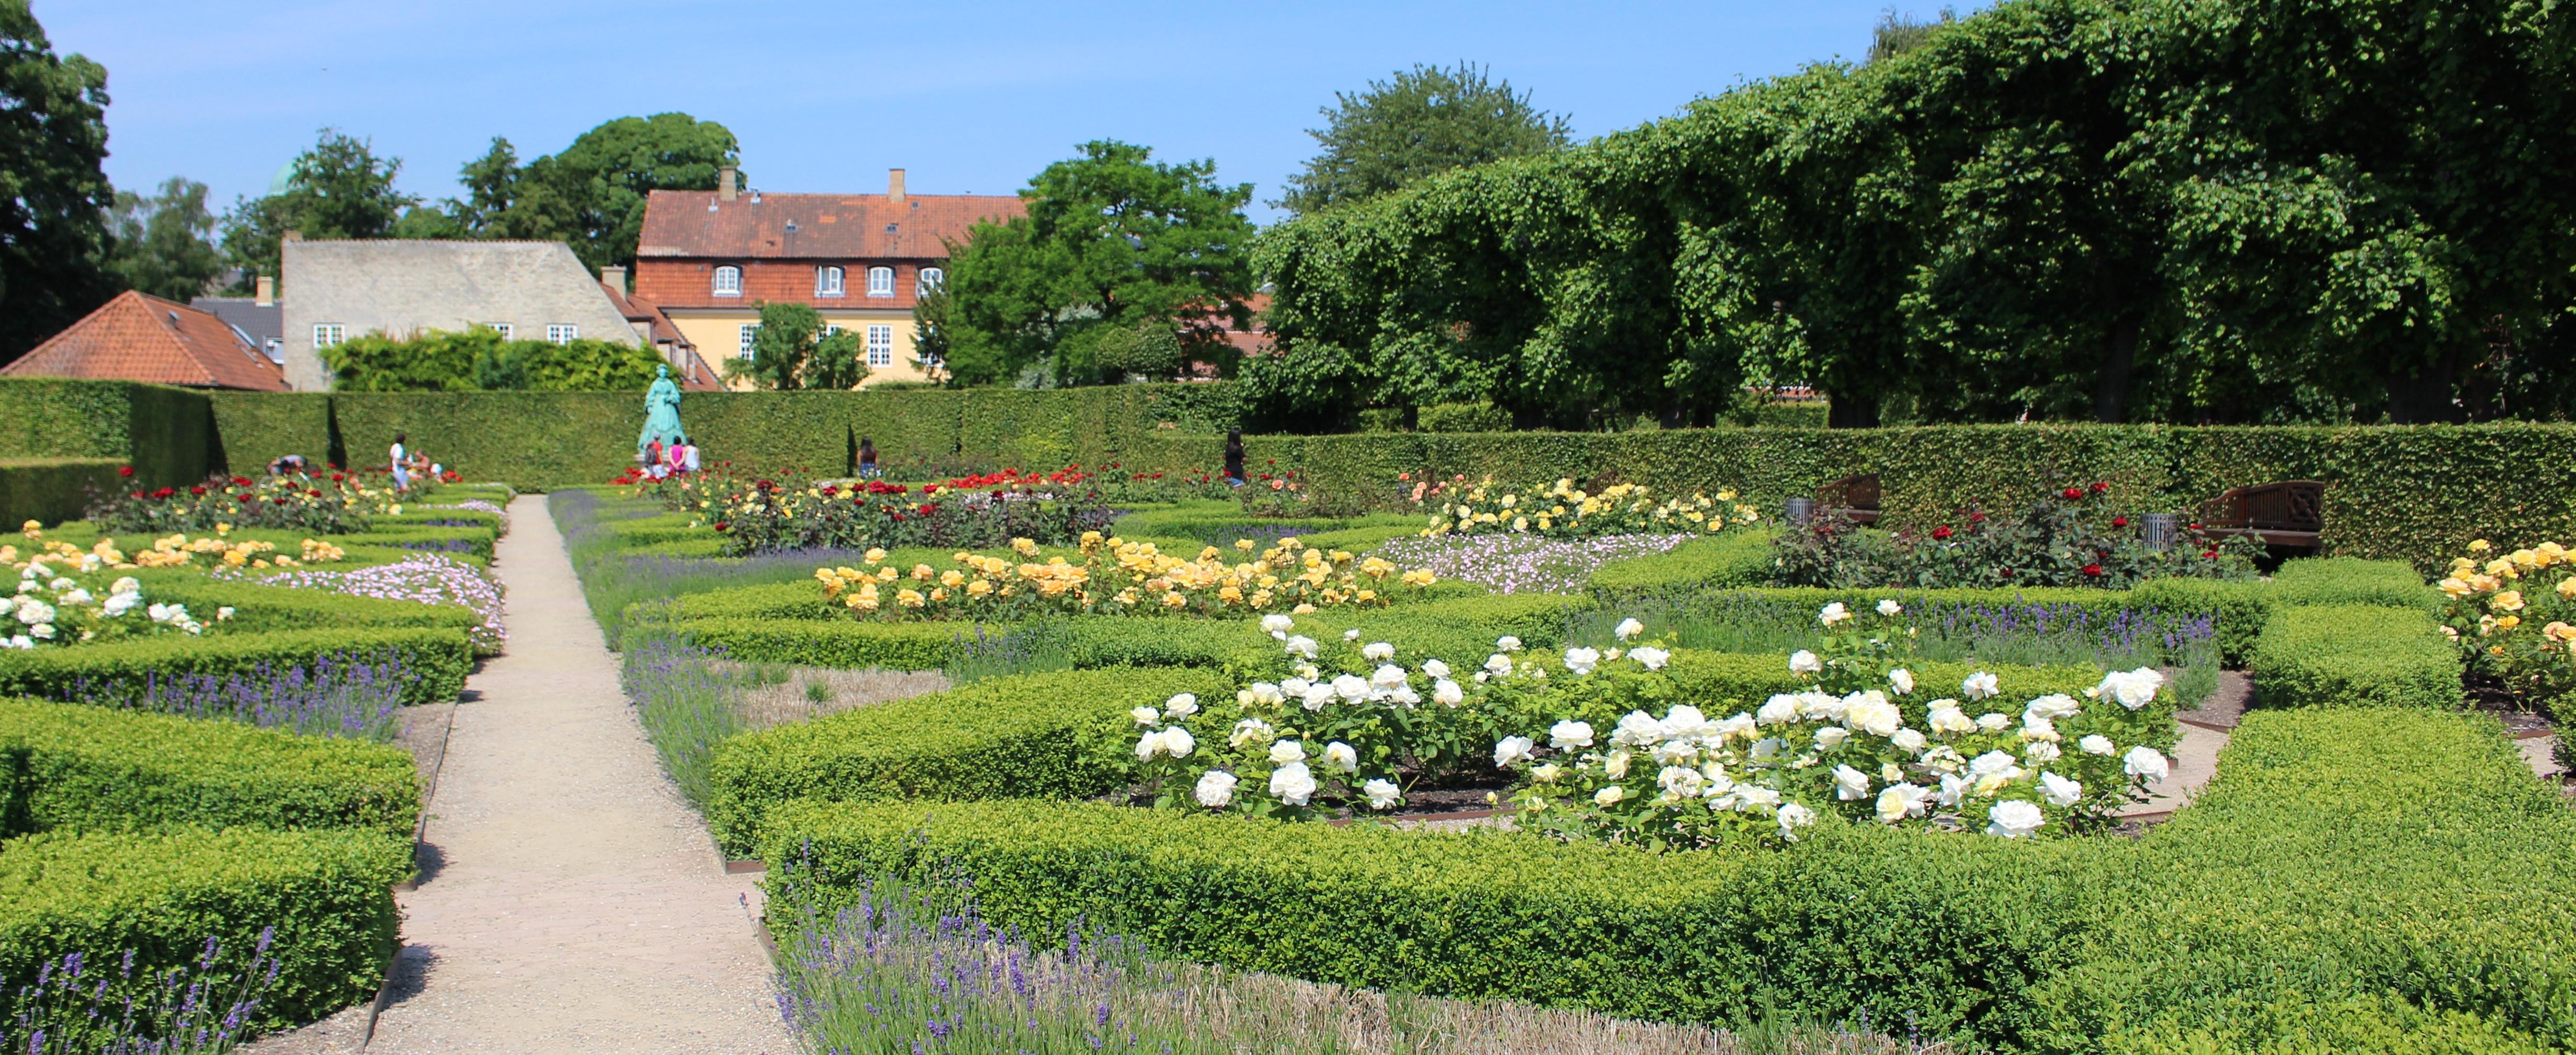 The Kings Garden at Rosenborg Castle Copenhagen Landscape